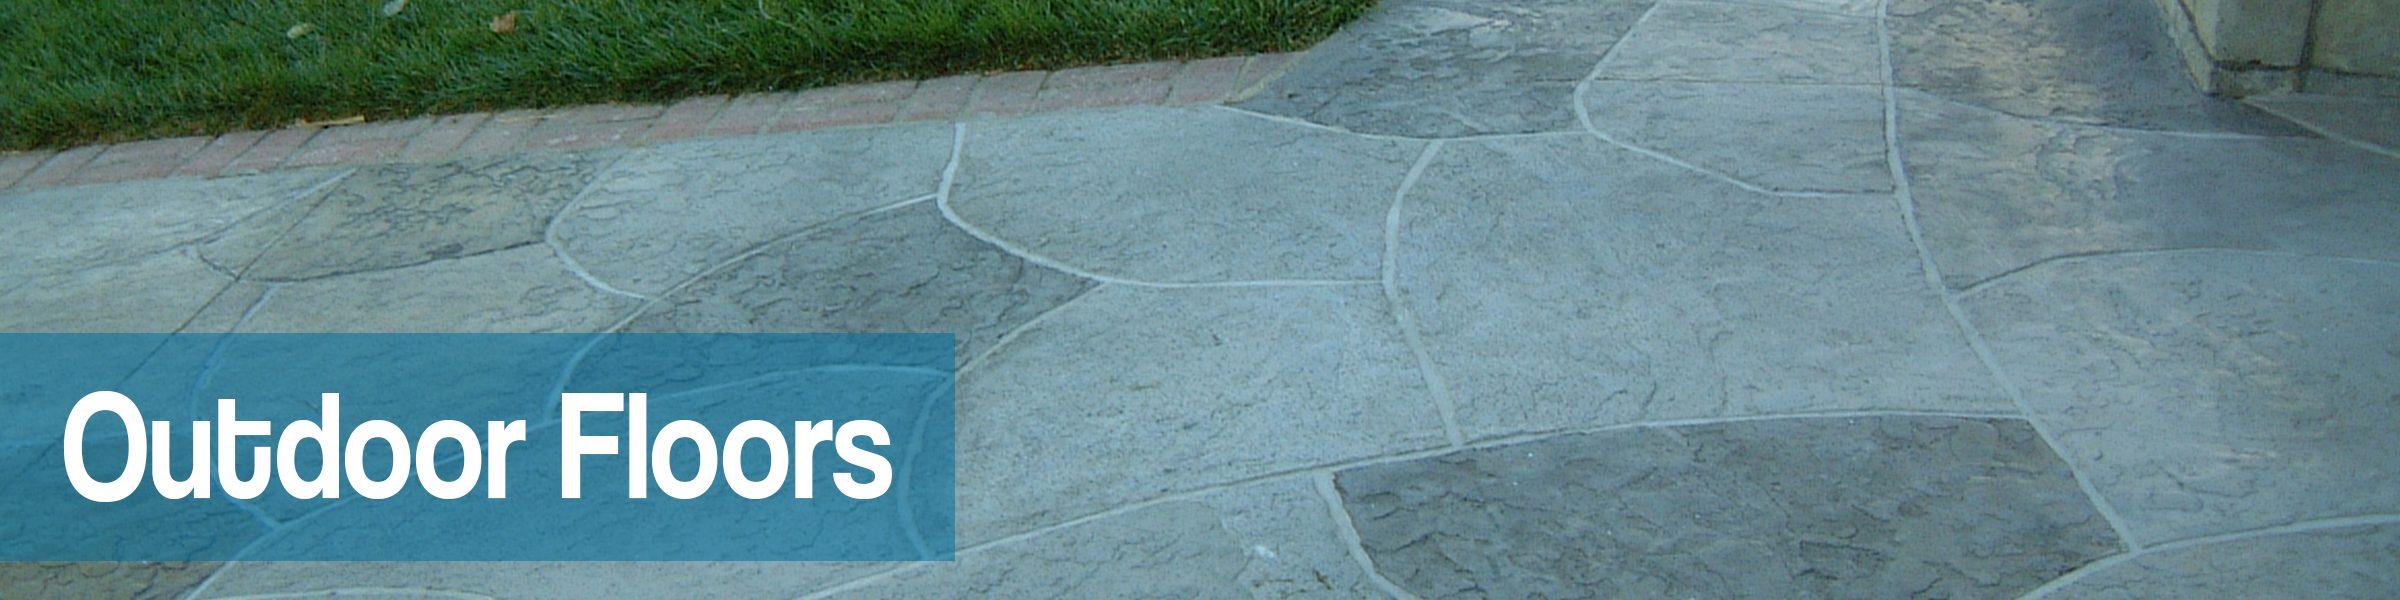 Outdoor Floor-header